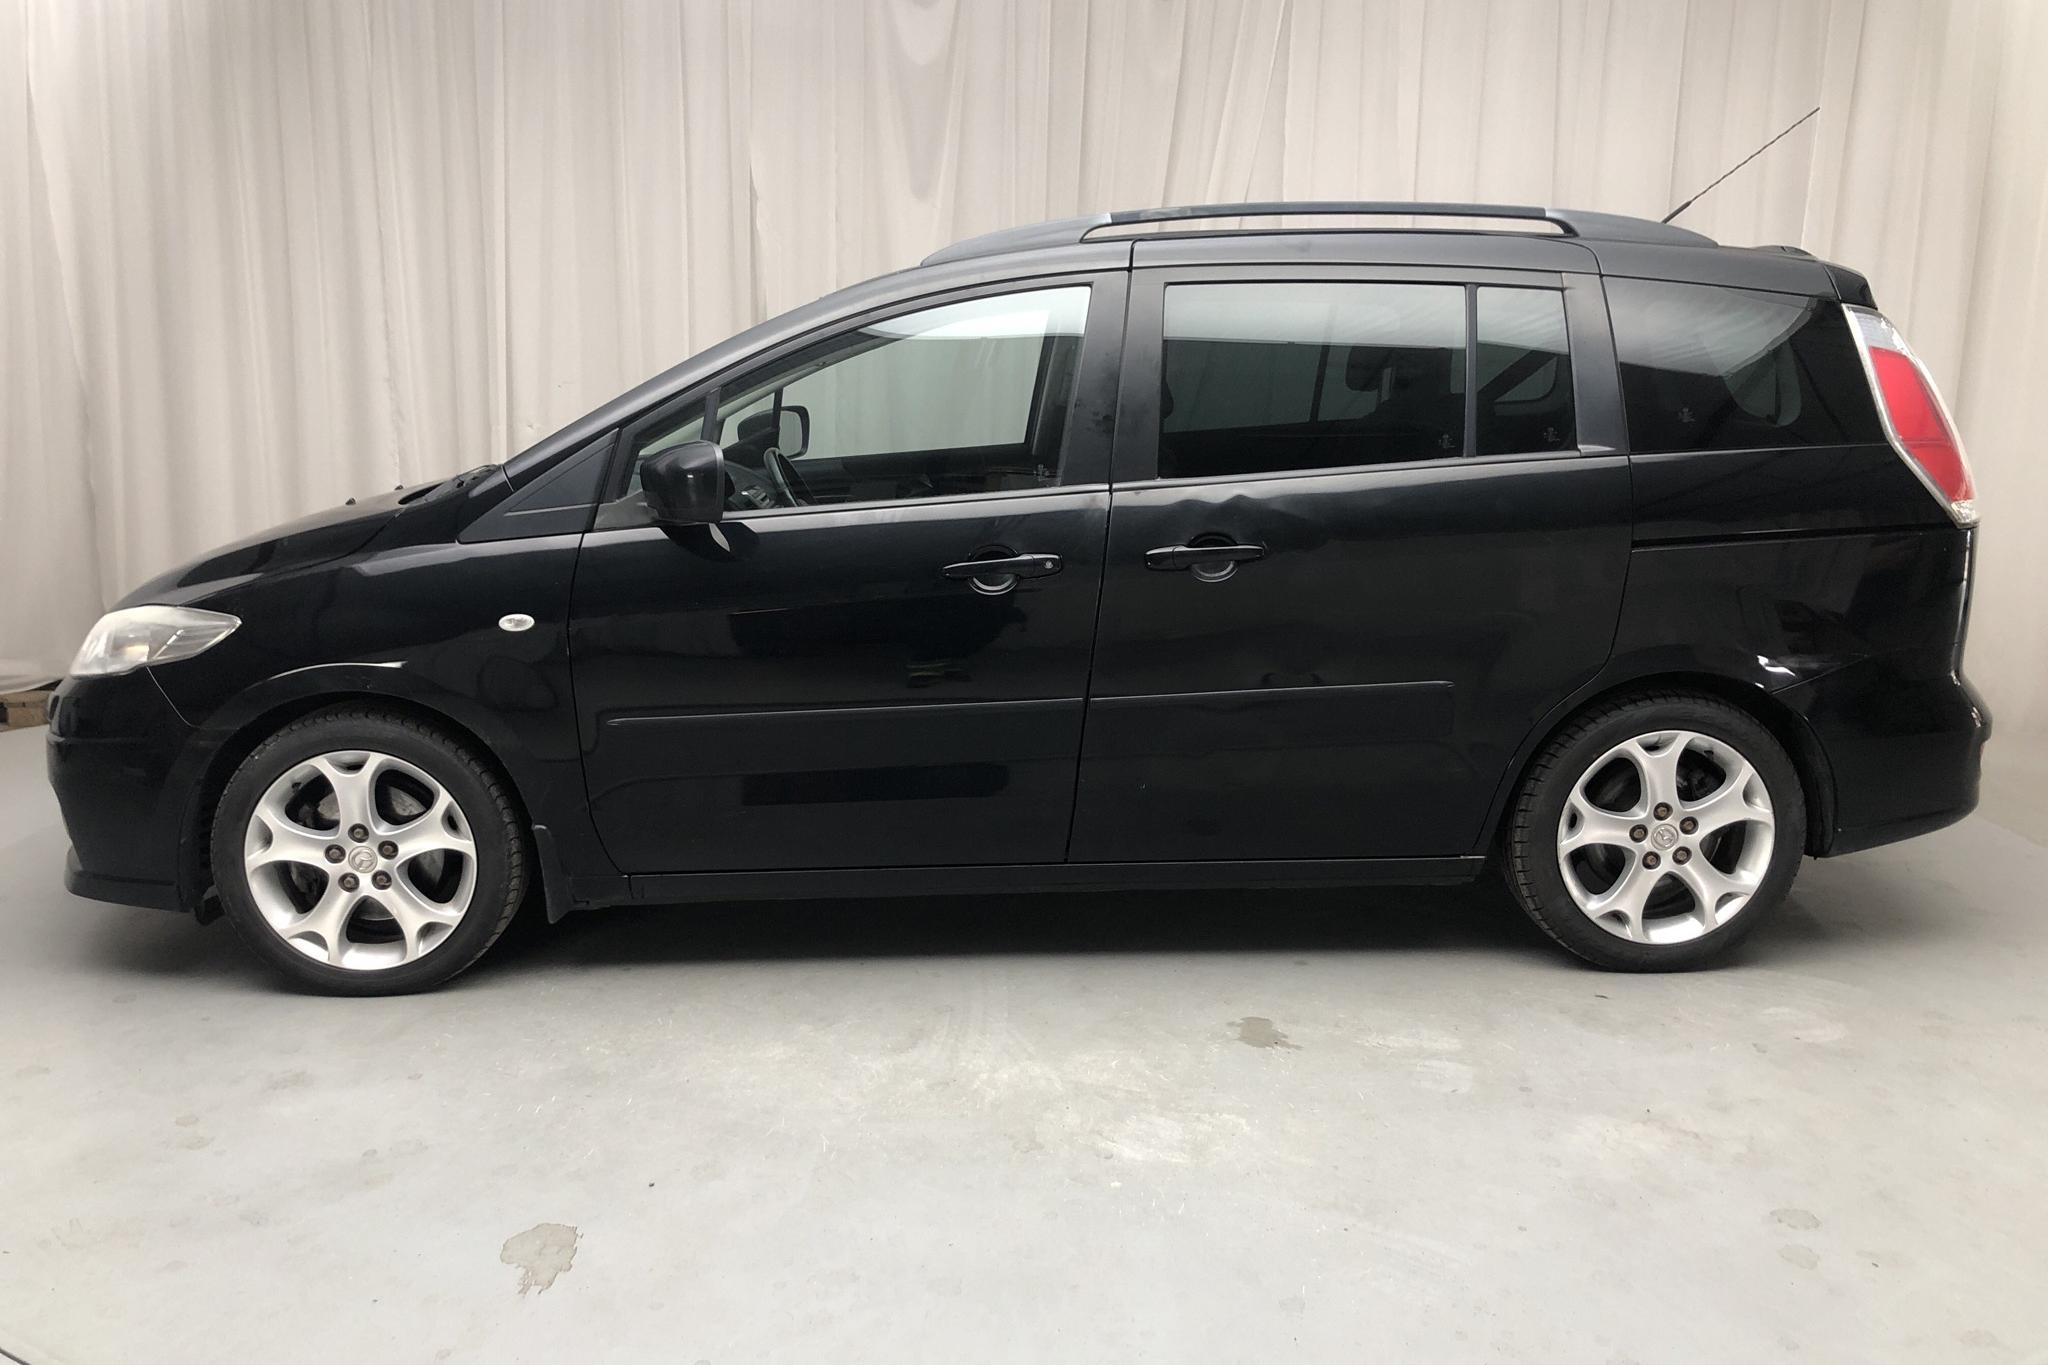 Mazda 5 2.0 DE (143hk) - 170 450 km - Manual - black - 2009